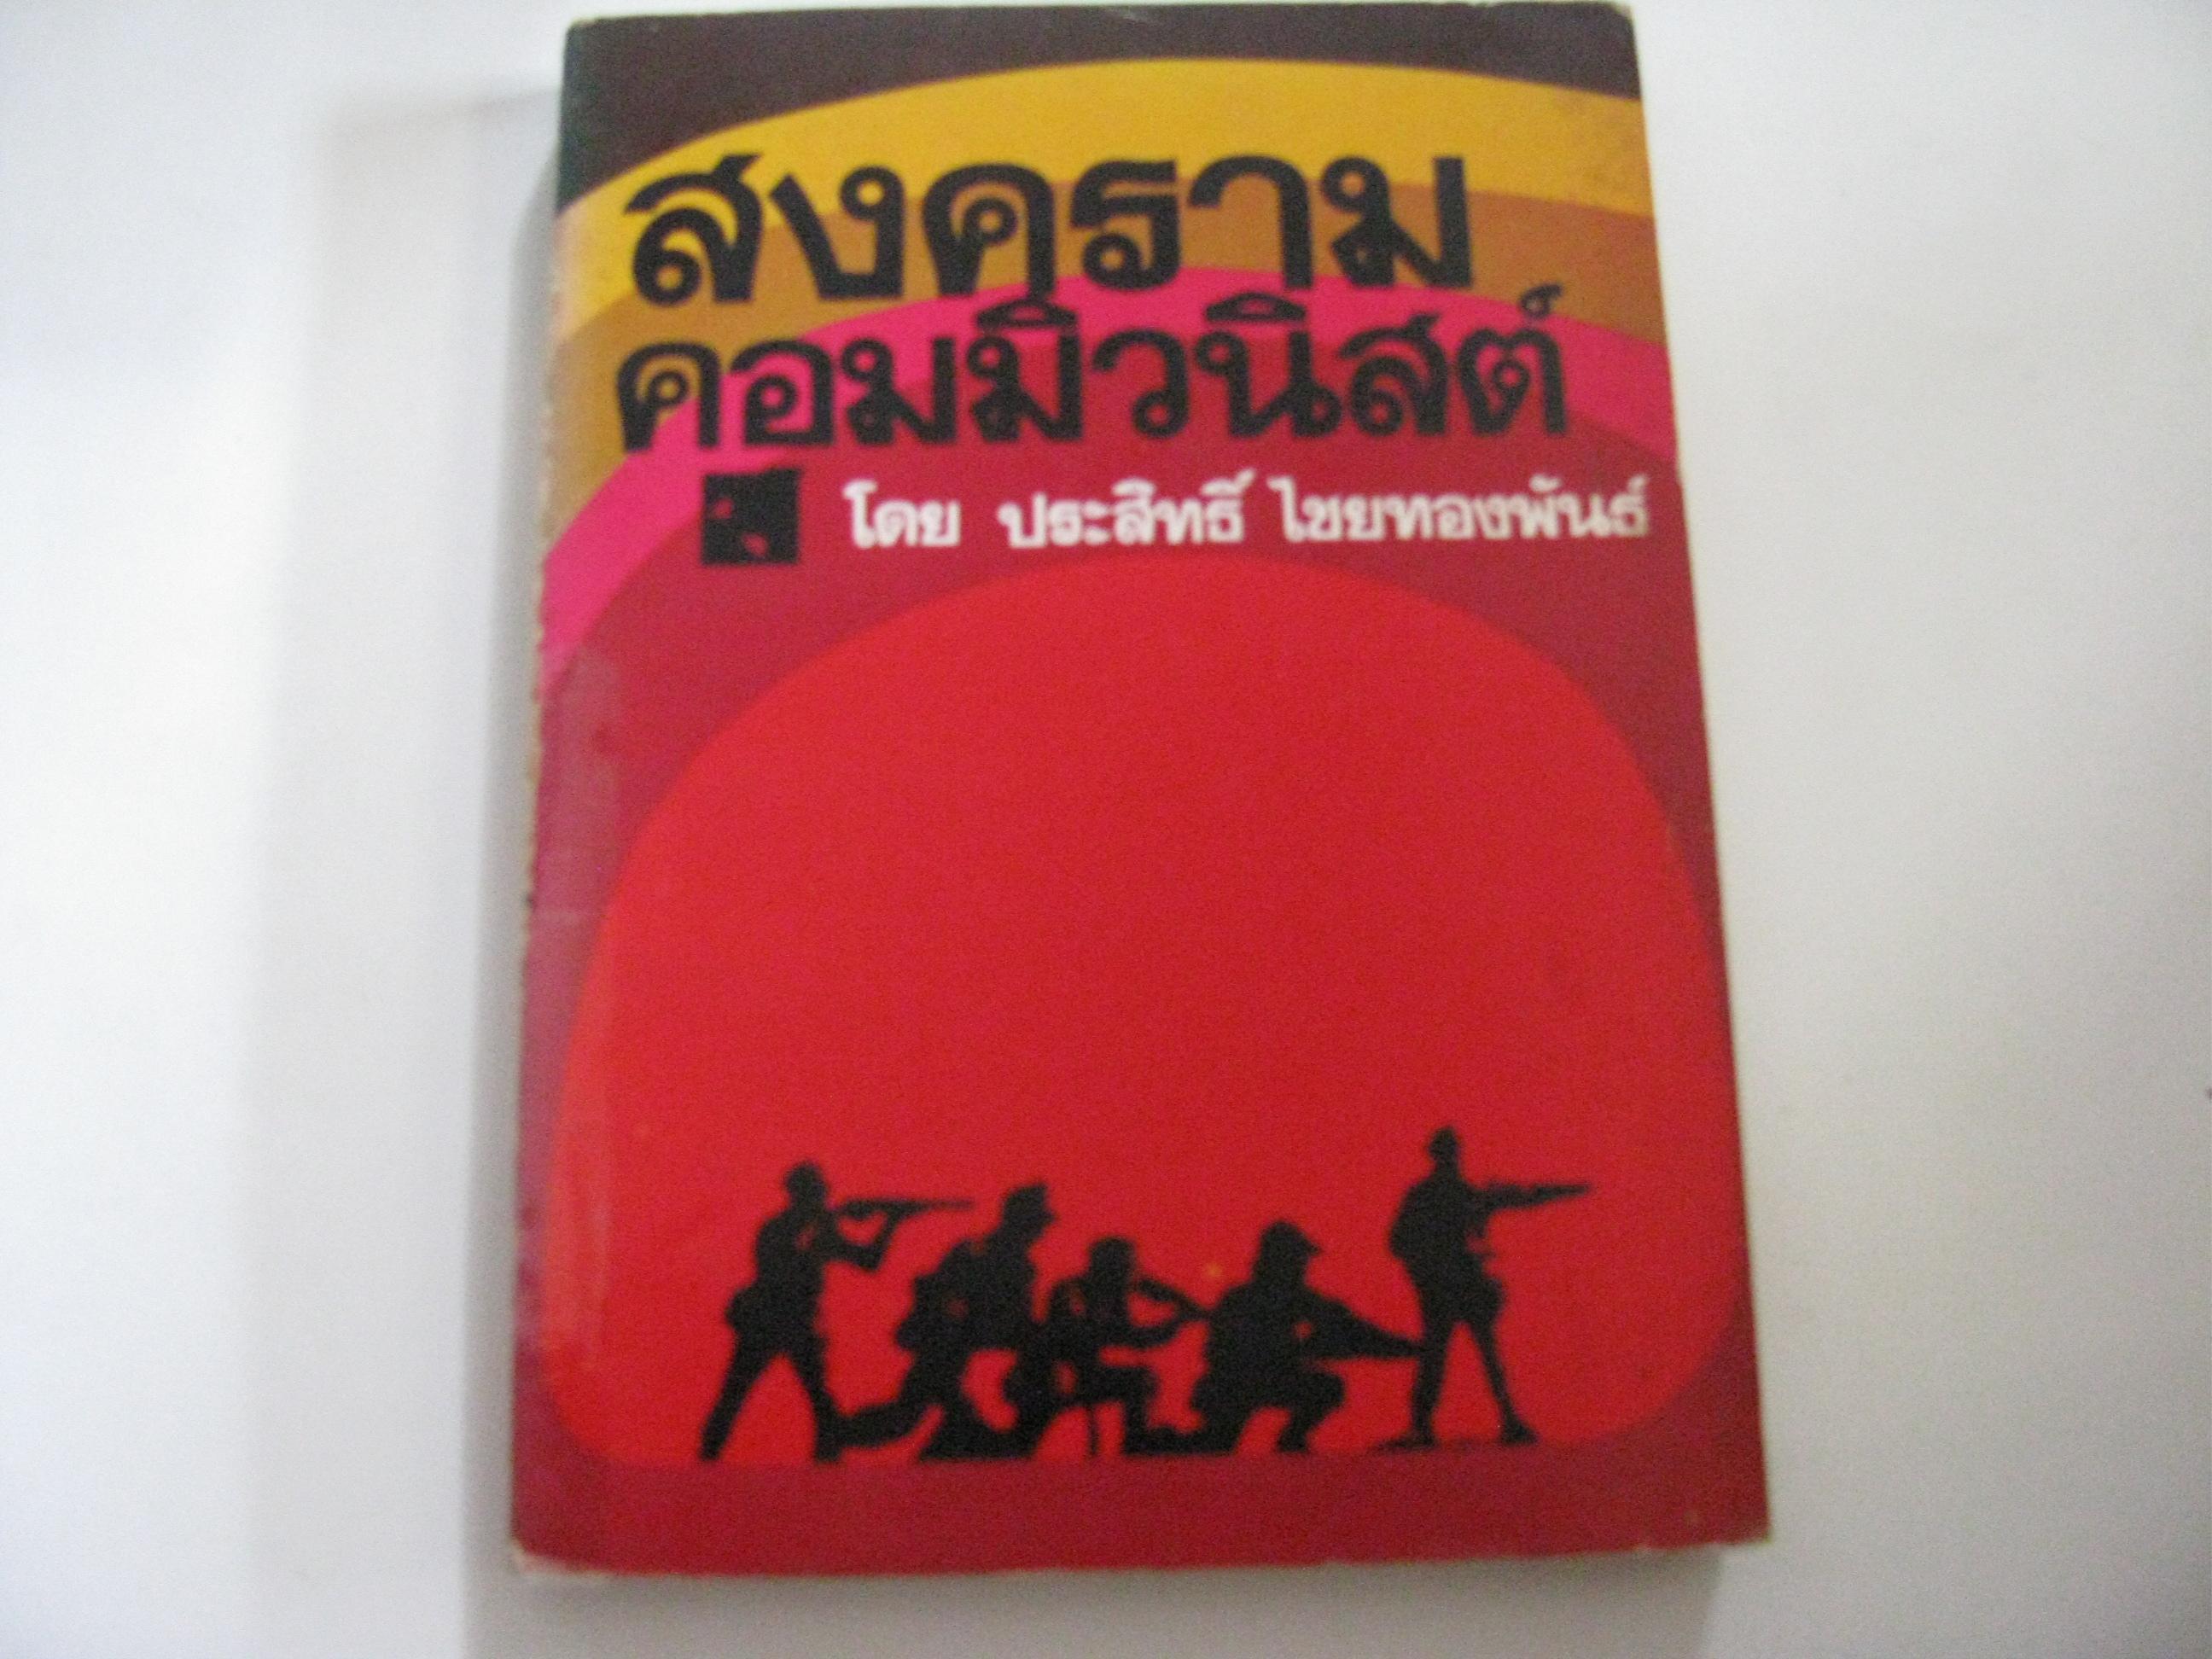 สงครามคอมมิวนิสต์ ประสิทธิ์ ไชยทองพันธ์ เขียน